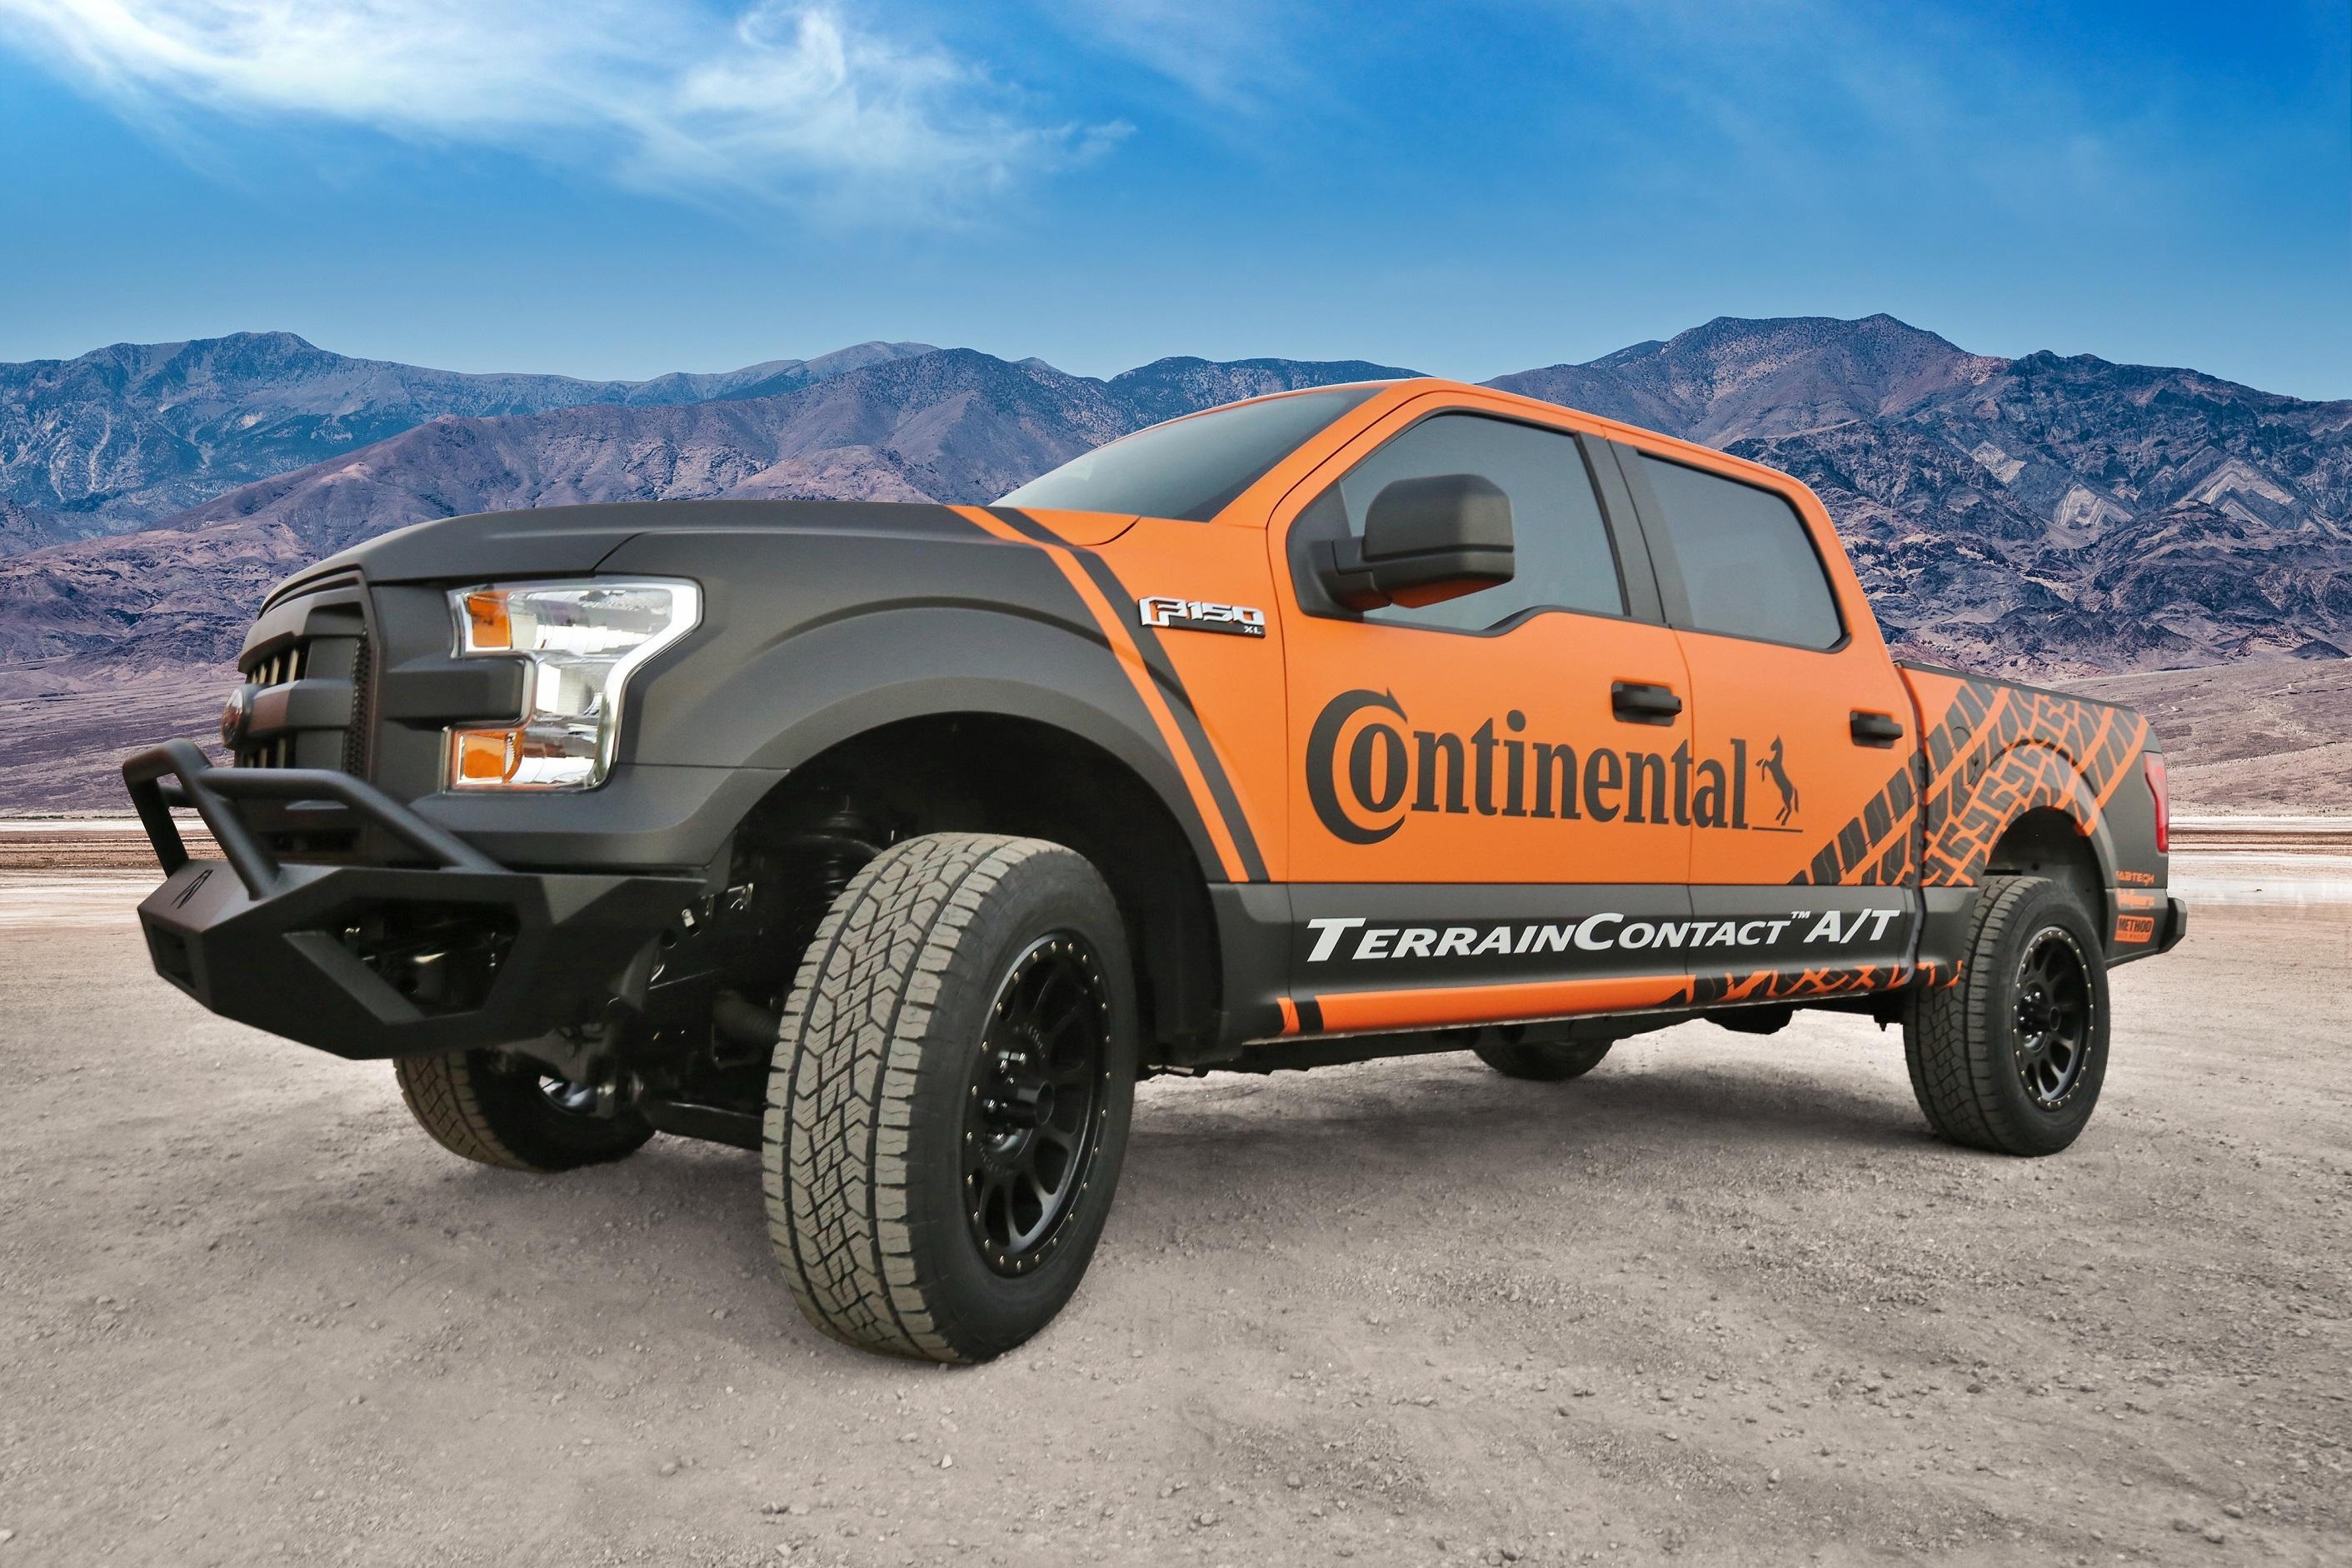 Continental Tire объявила о запуске новых вседорожных шин TerrainContact A/T